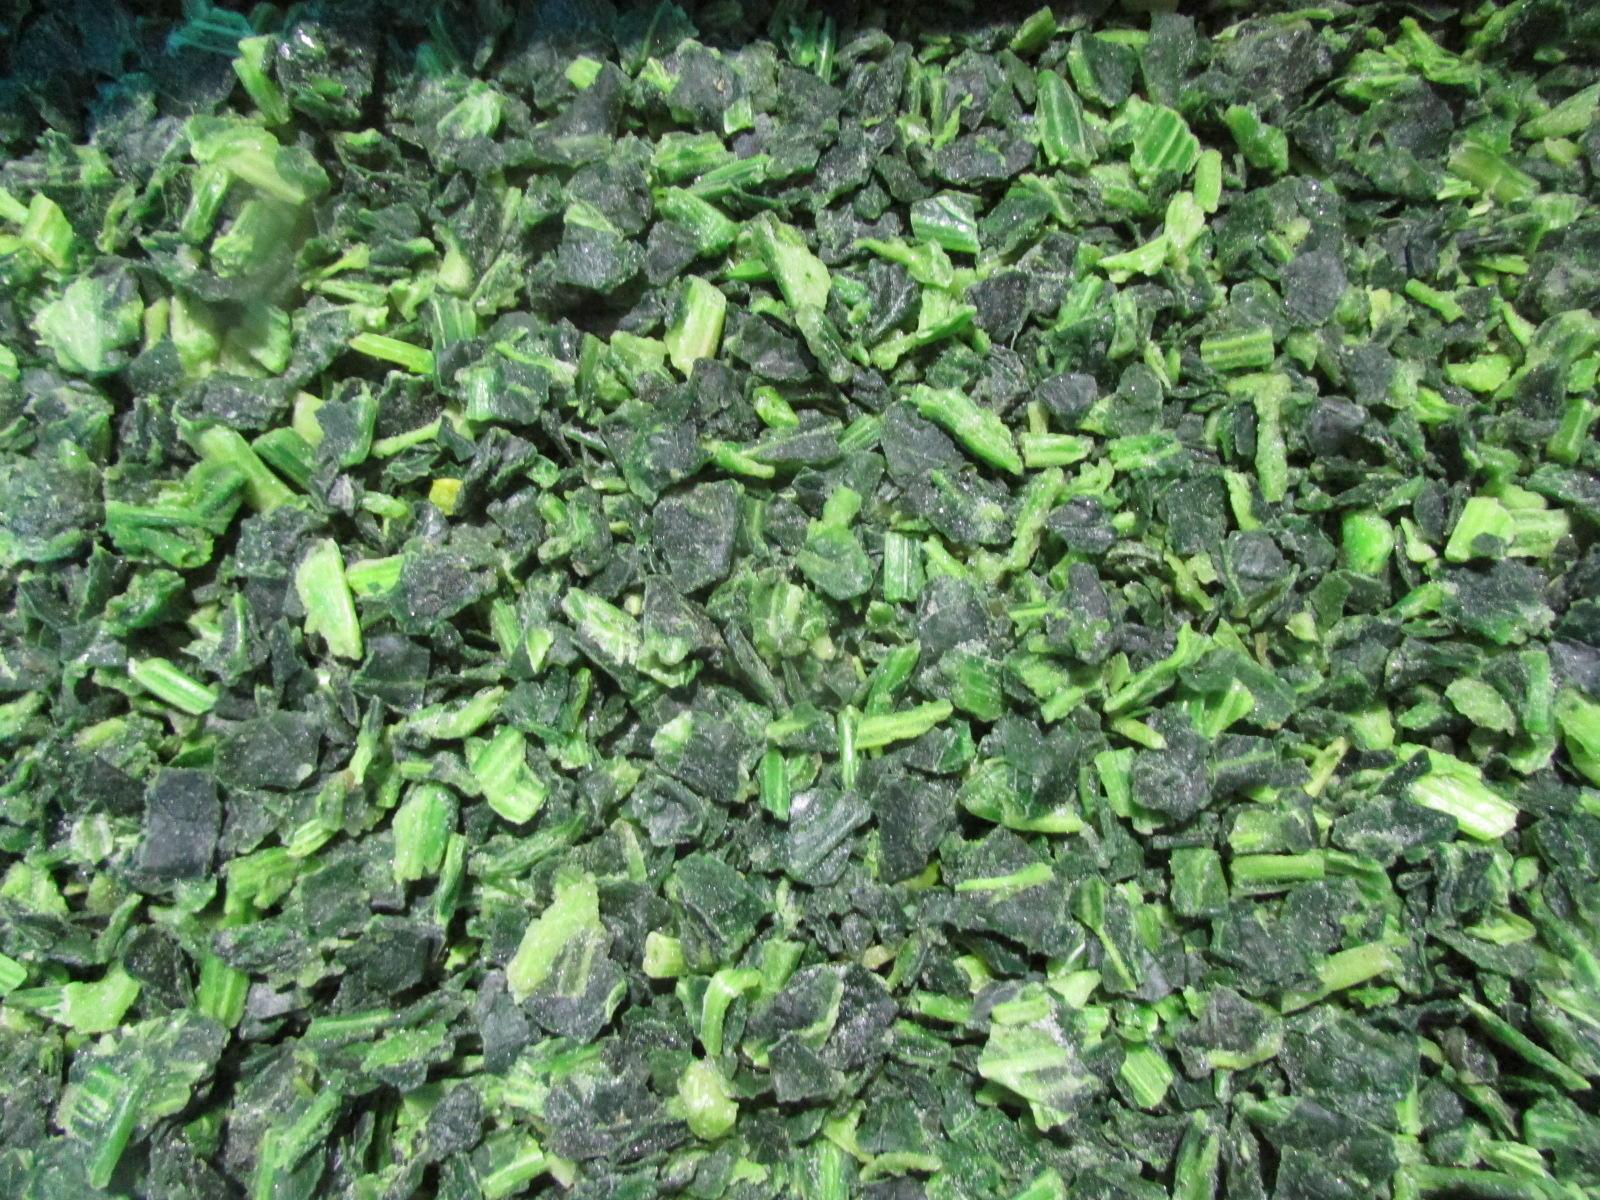 IQF Chopped Spinach,IQF Spinach Cut,BQF Cut Spinach,Frozen Chopped Spinach 9